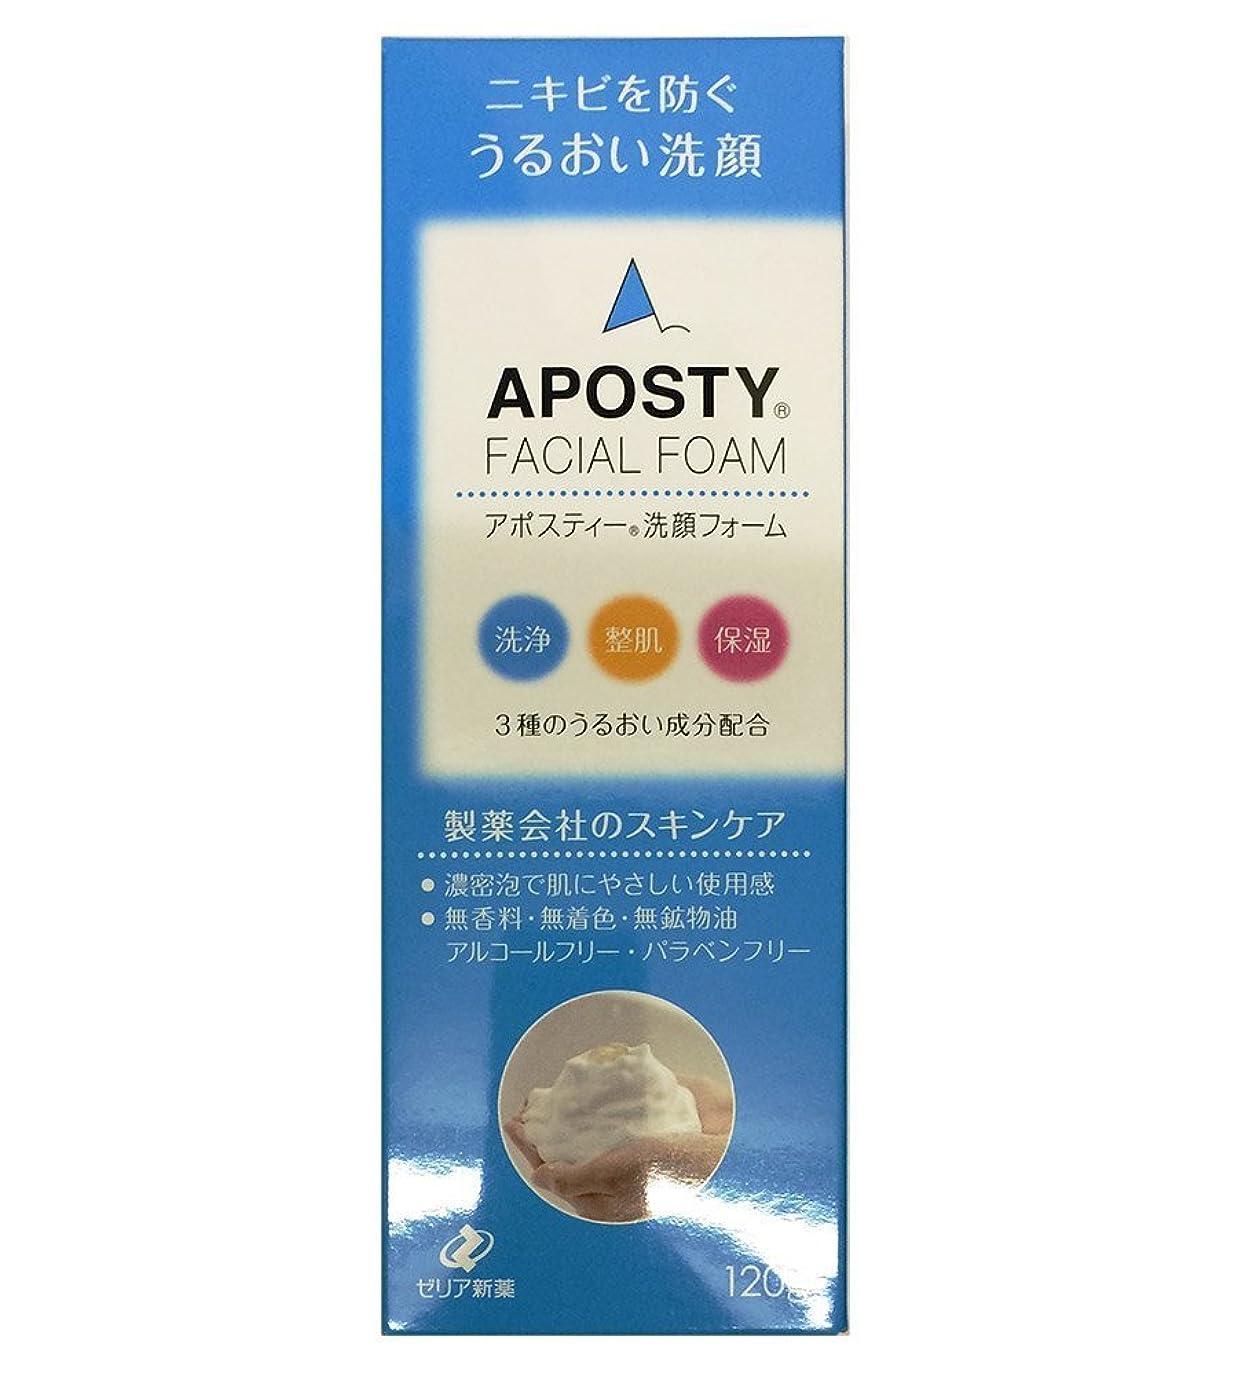 通り数字交じるゼリア新薬工業 アポスティー 洗顔フォーム 120g